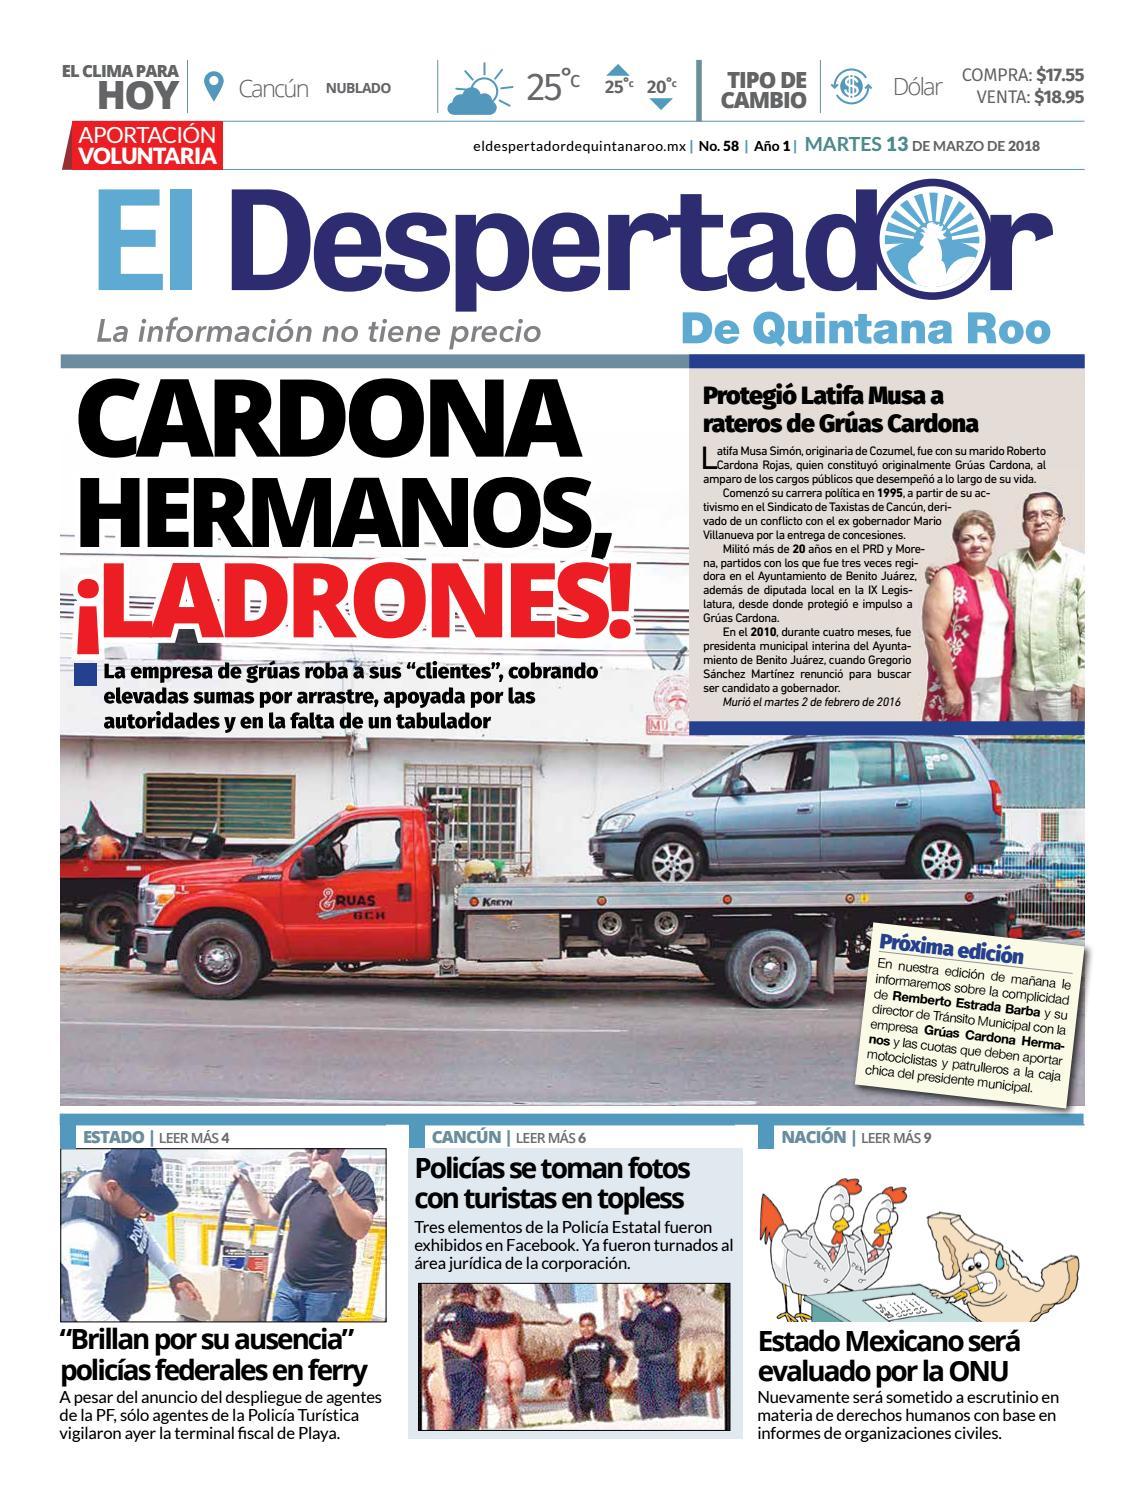 El Despertador de Quintana Roo 13-3-2018 by eldespertadorqr - issuu